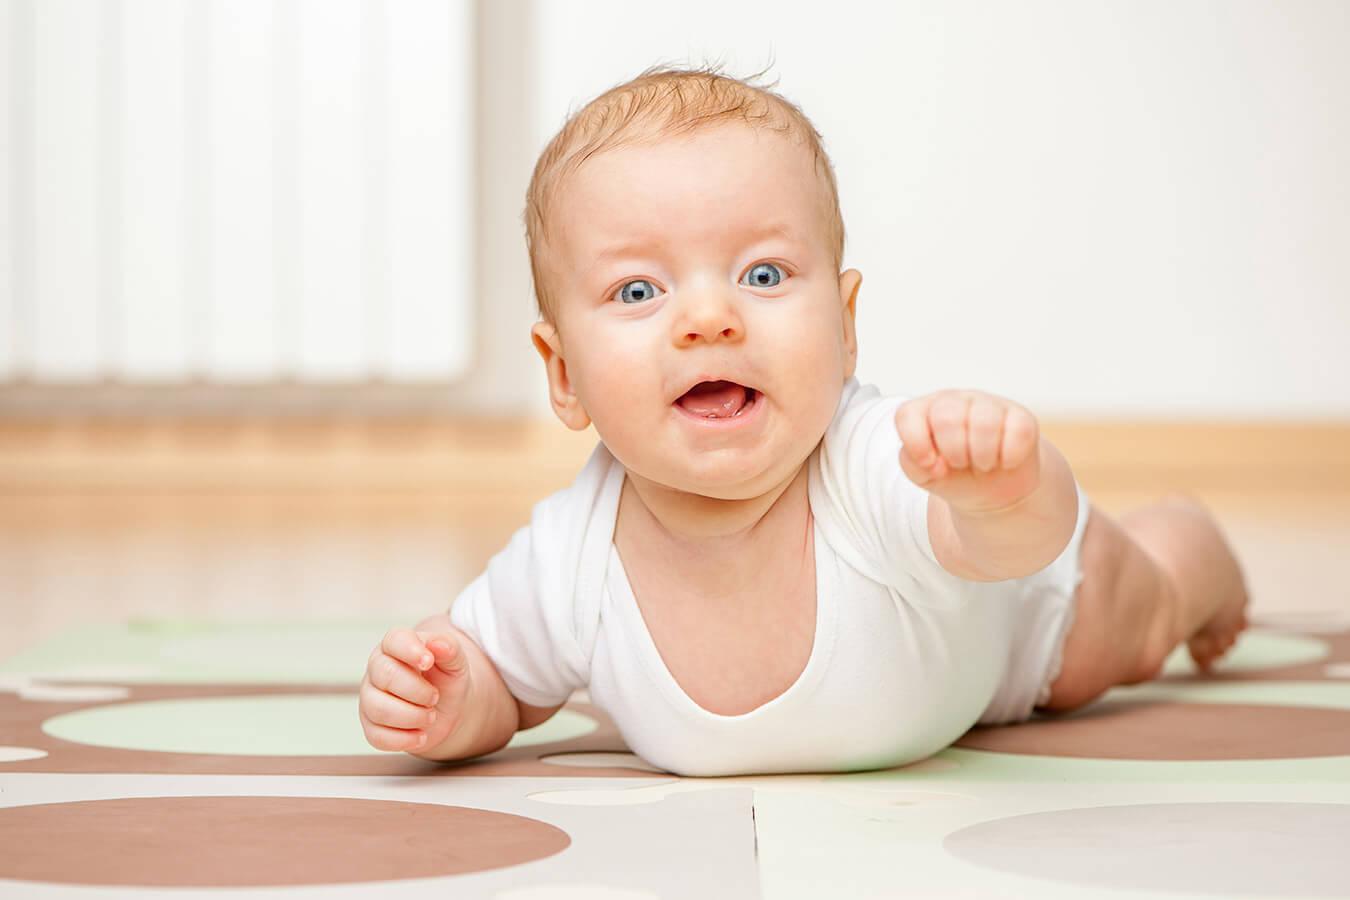 14 tygodniowe dziecko – Jak wygląda 14 tydzień życia dziecka?